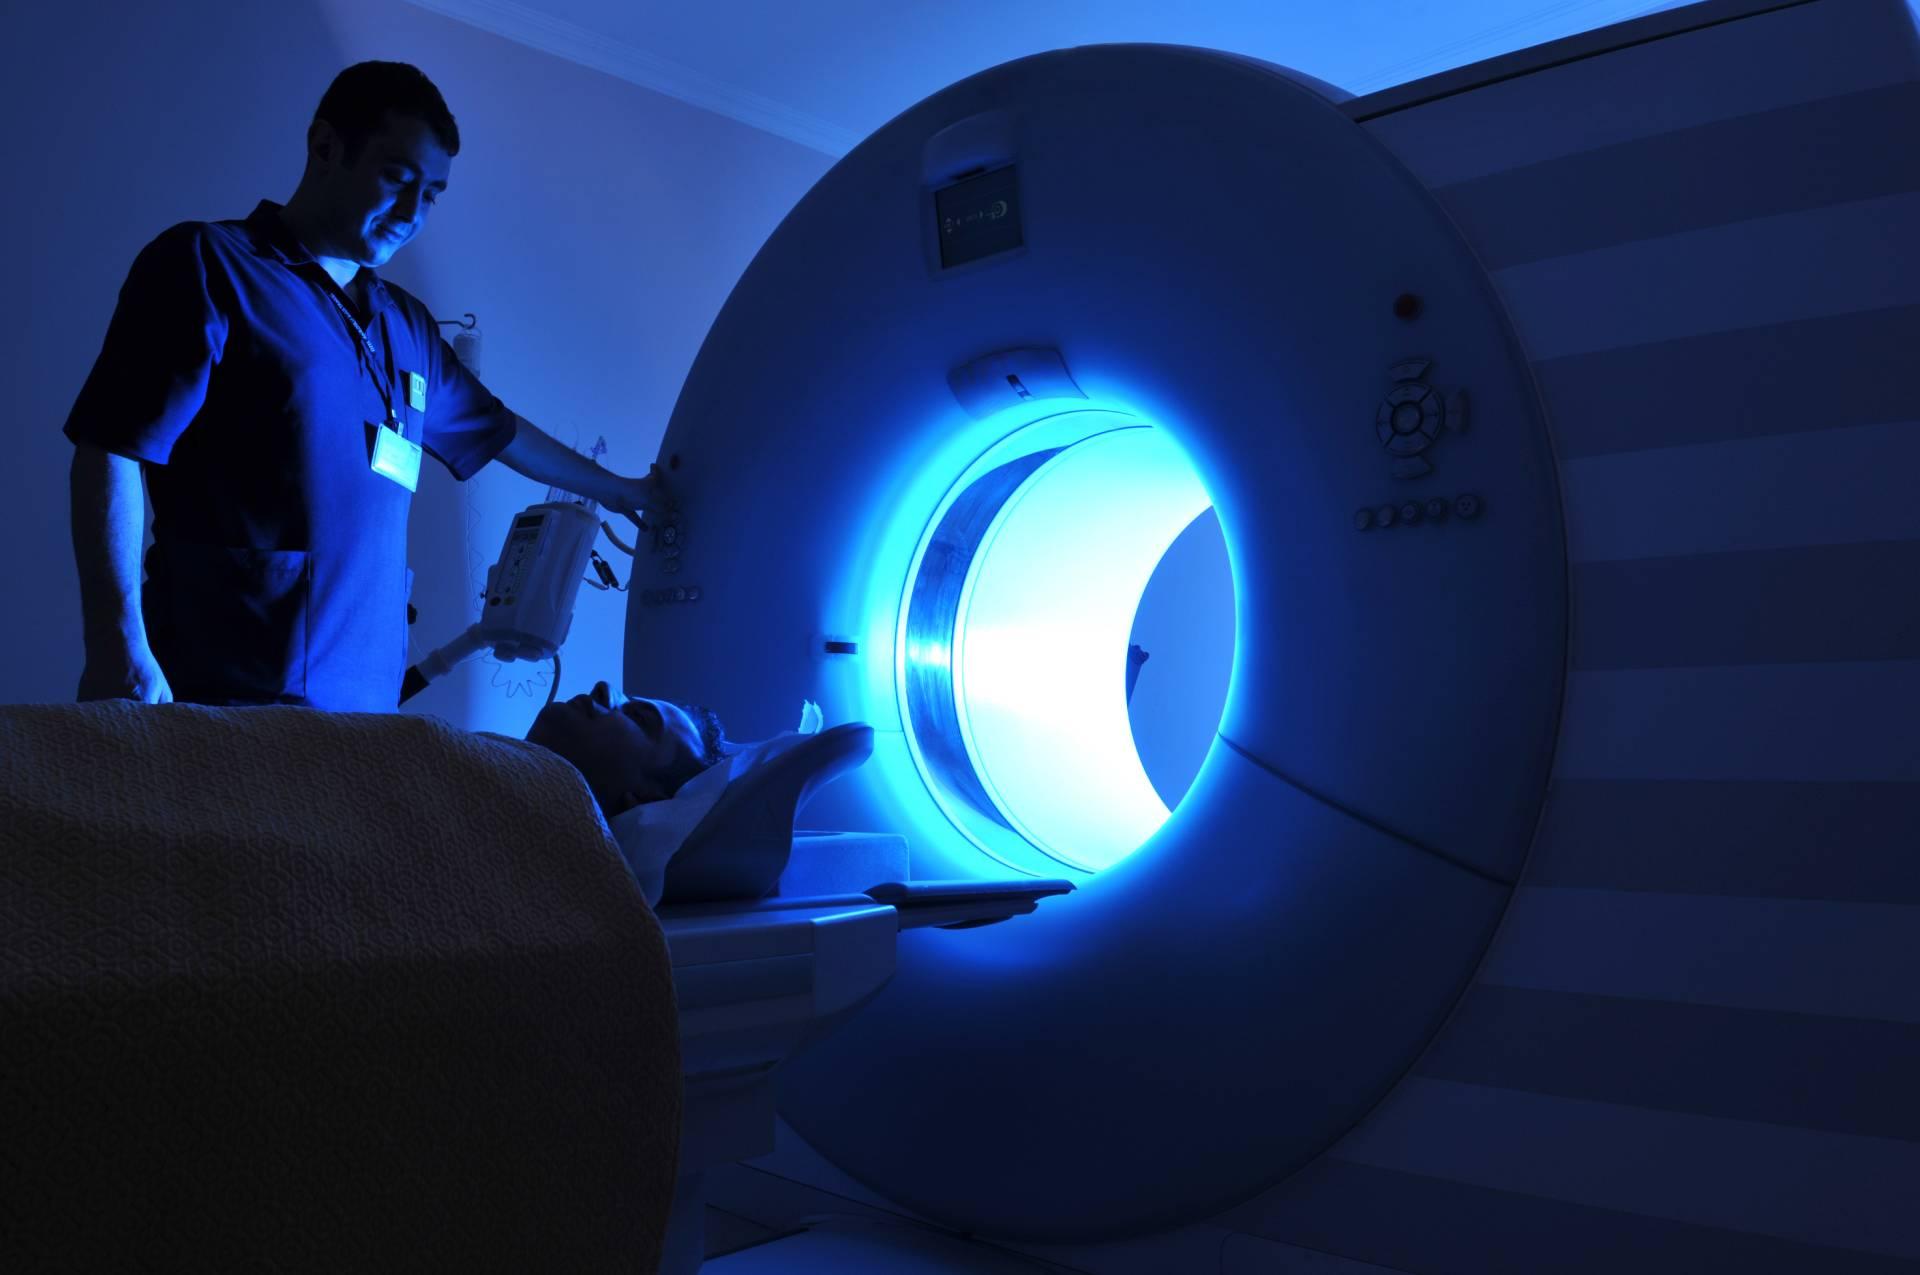 MRI machine in blue light